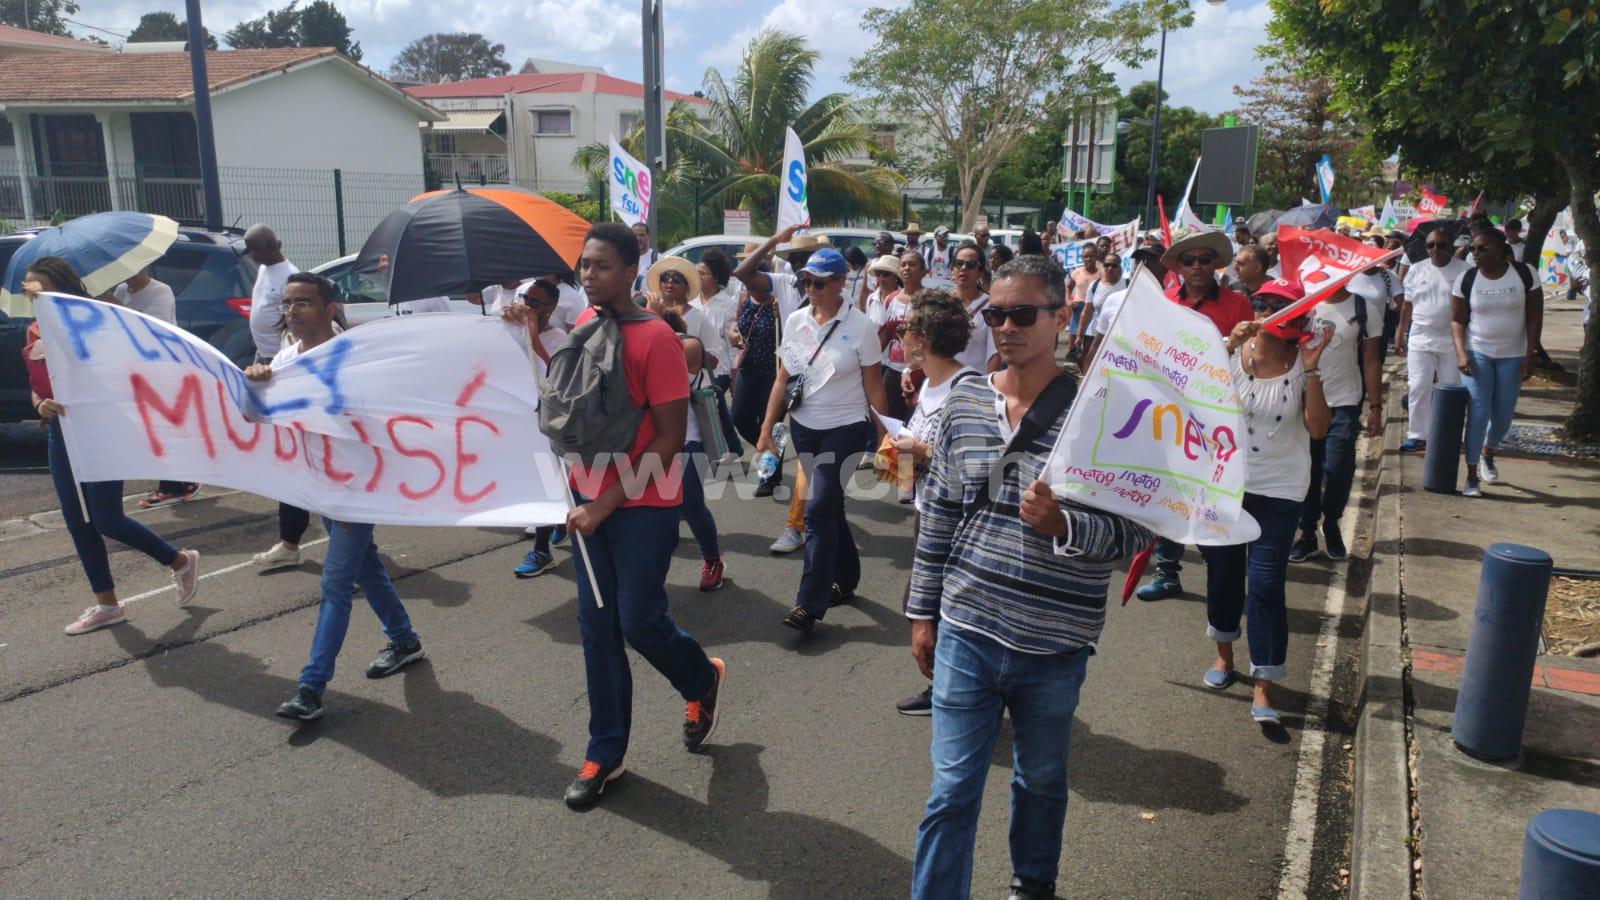 200 professeurs mobilisés ce matin contre la réforme des retraites